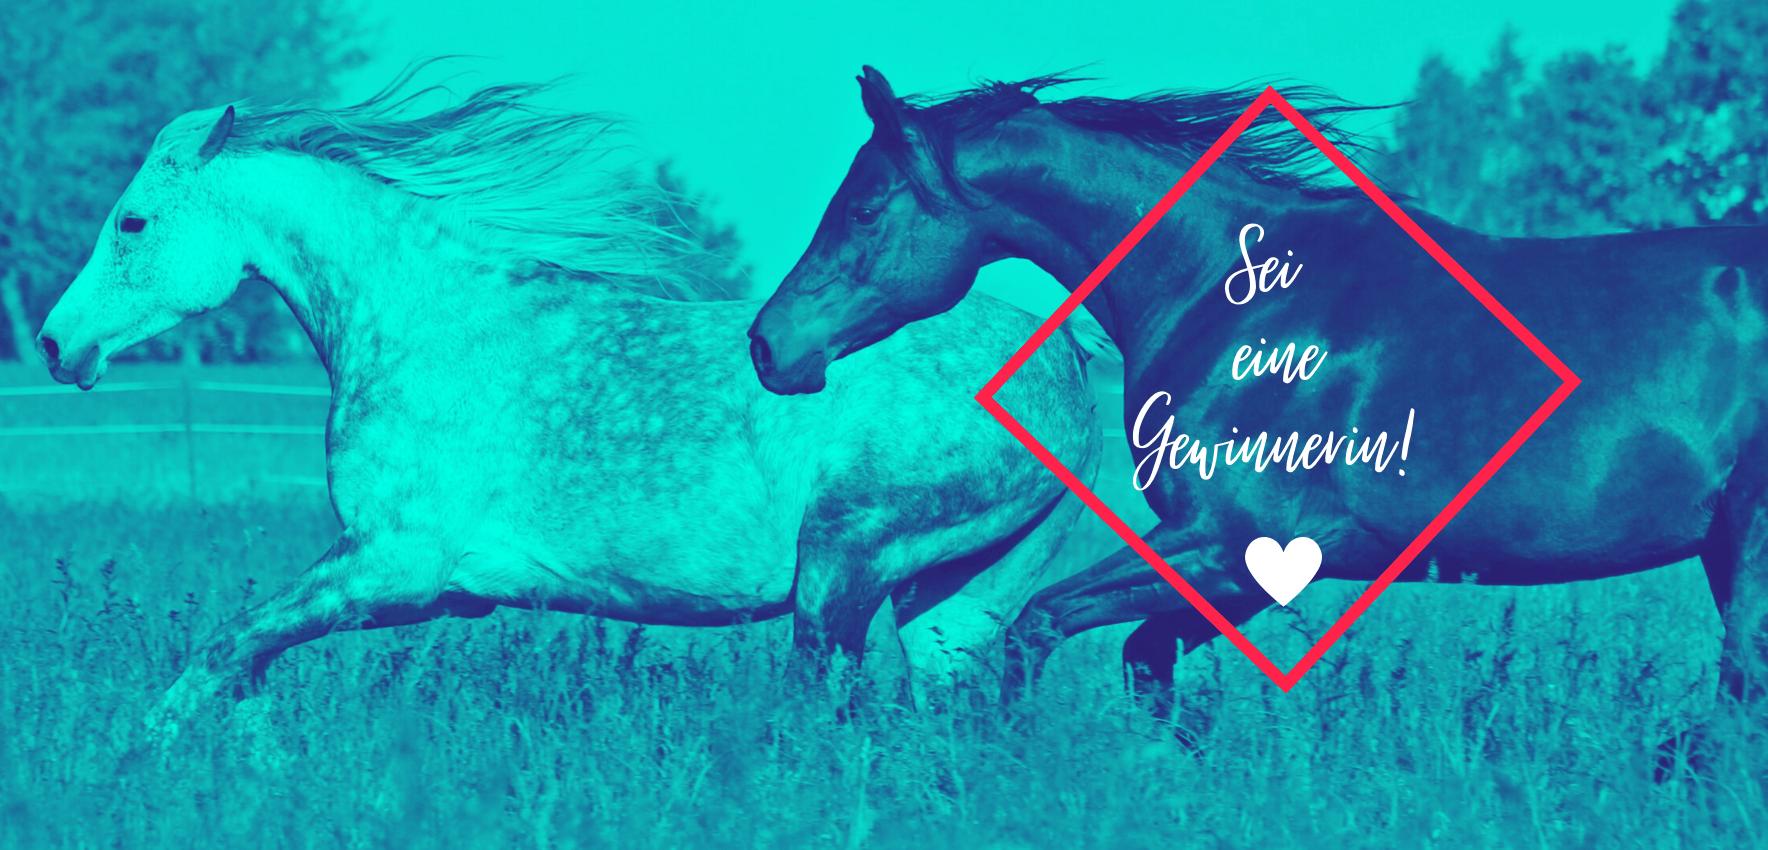 Als PferdeMagazin-Mitglied hast du die Chance, an exklusiven Gewinnspielen teilzunehmen. Werde kostenlos bei uns Mitglied und profitiere!